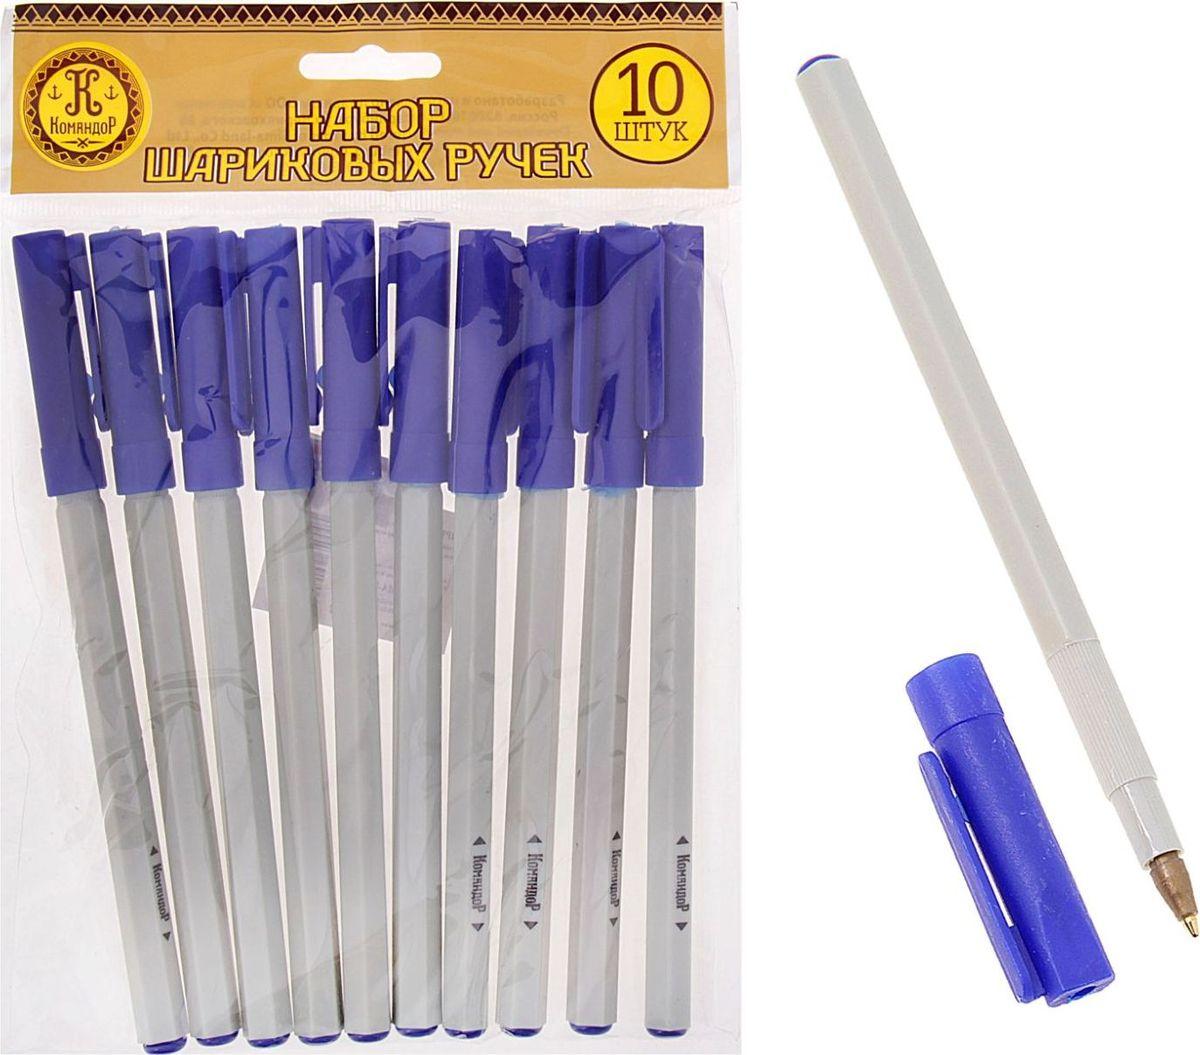 Командор Набор шариковых ручек синие цвет корпуса серый синий 10 шт867769Набор классических шариковых ручек Командор с серым корпусом станет незаменимым атрибутом для учебы или работы. Шариковый пишущий узел и паста на масляной основе сделали такой вид ручек самым распространенным и популярным во всем мире. Шариковые ручки самые экономичные, их надолго хватает. Писать этими ручками легко и удобно, густые чернила не растекаются на бумаге и не вытекают при переноске.